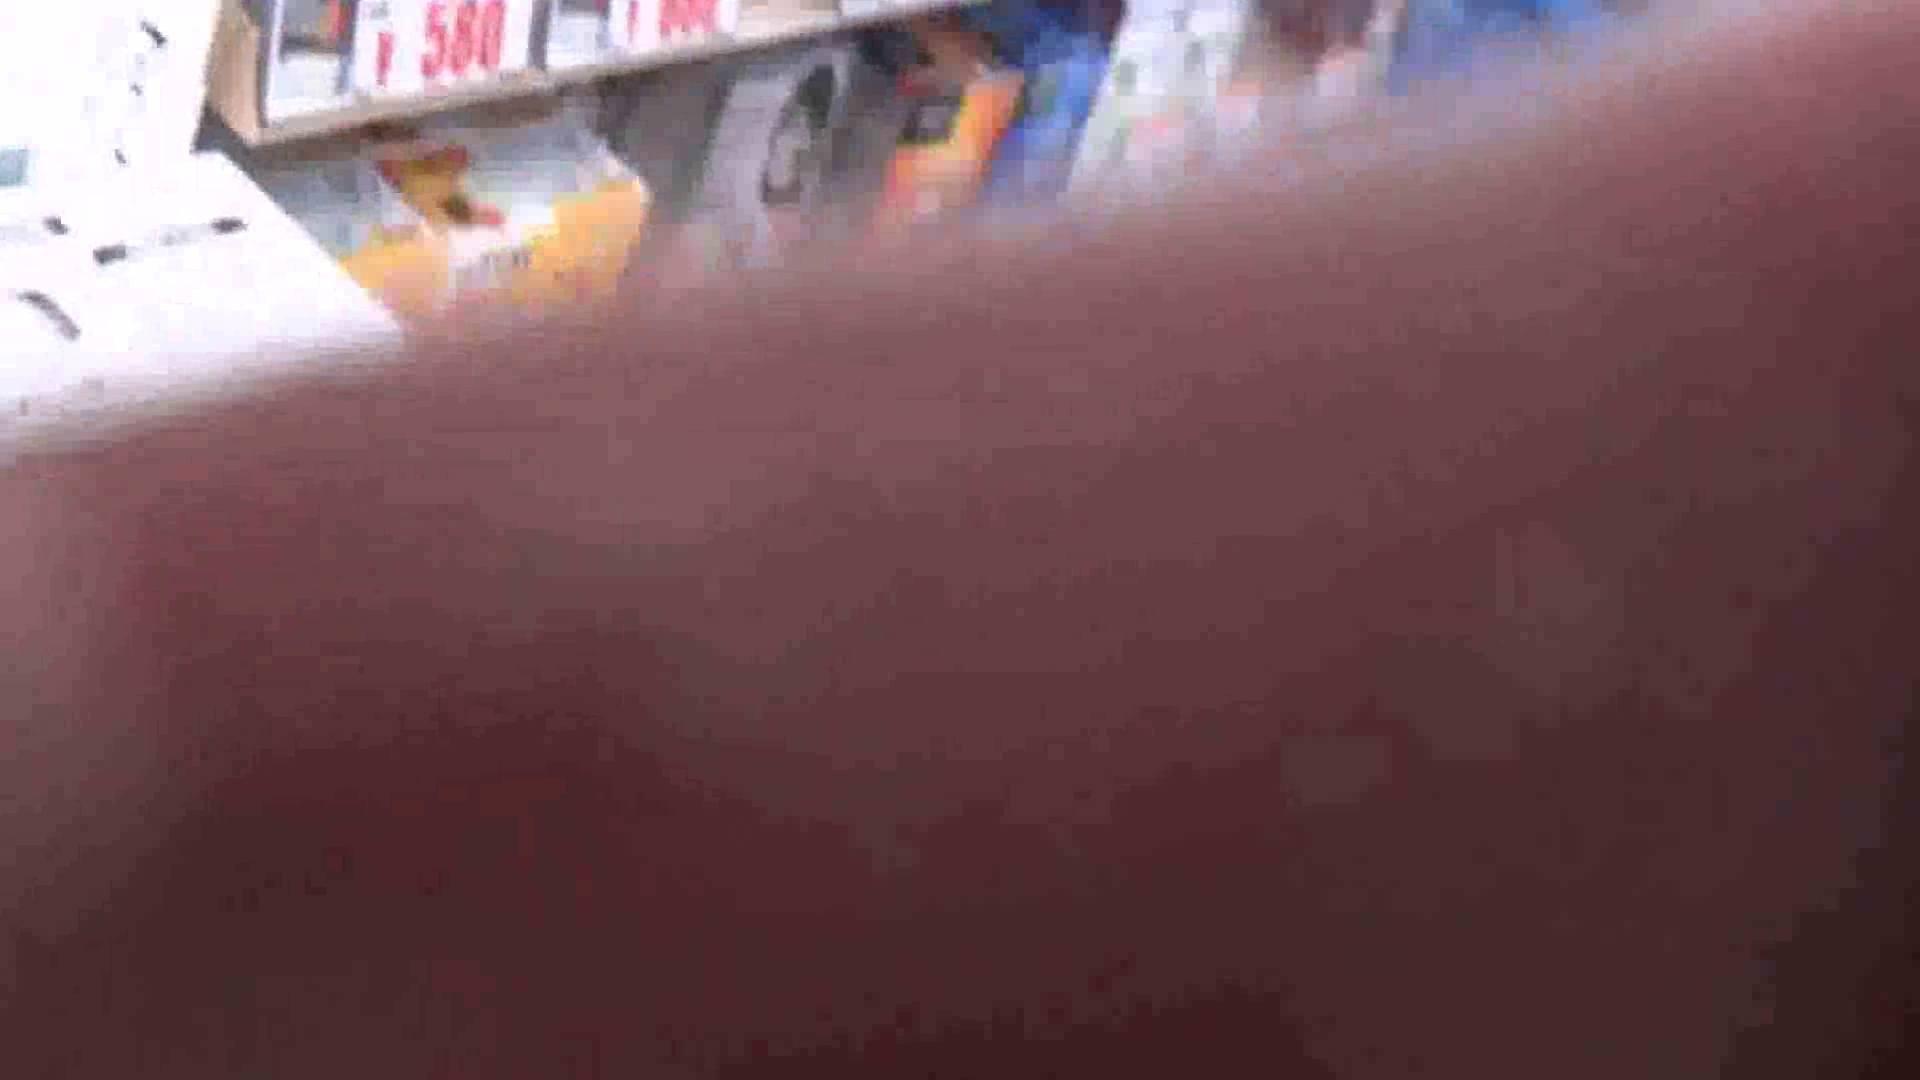 真剣に買い物中のgal達を上から下から狙います。vol.01 チラ系 | JK  79pic 46